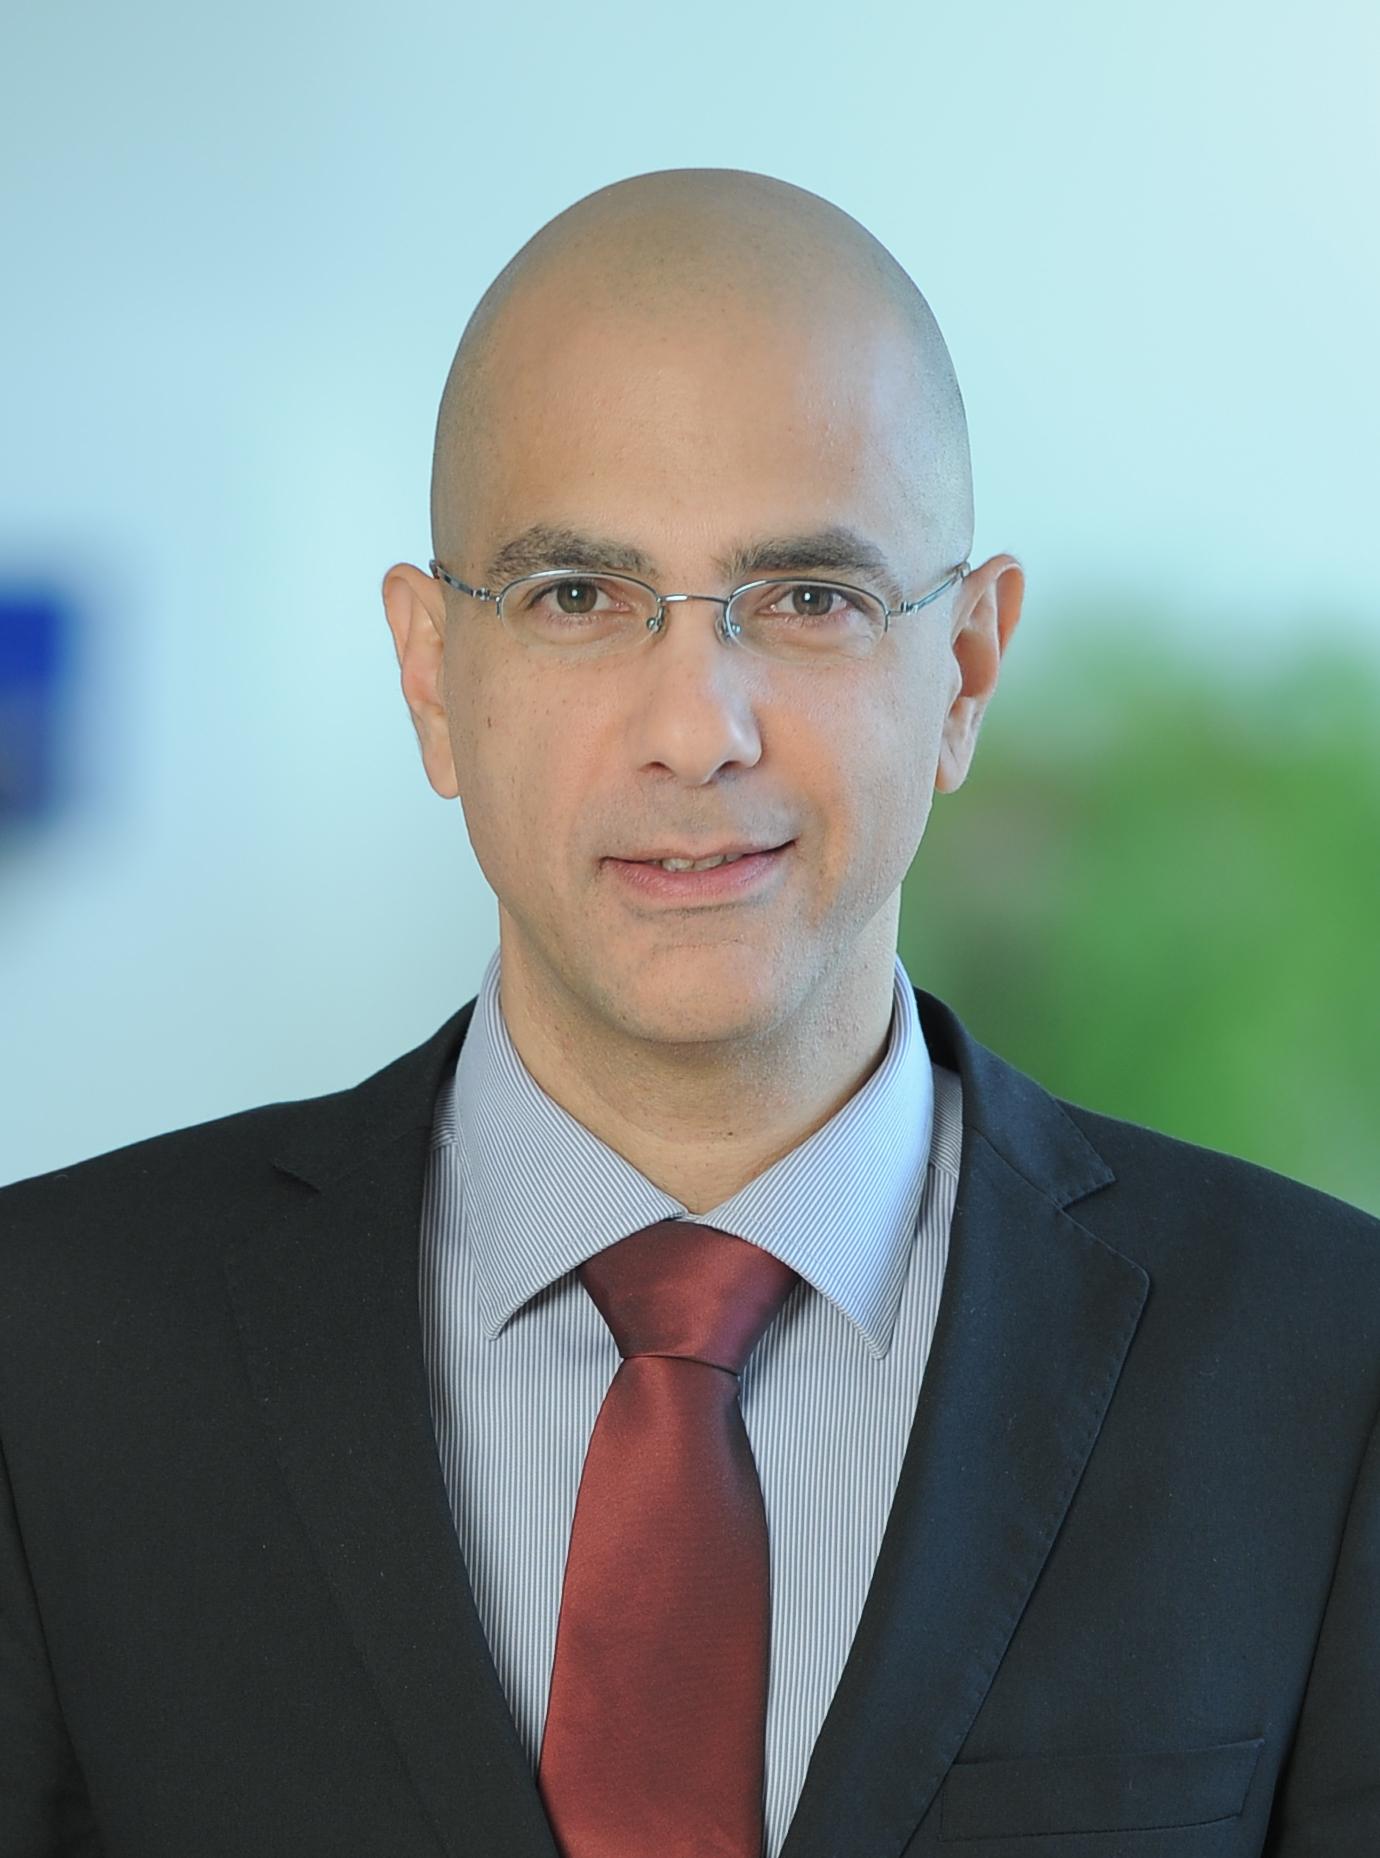 Ori Efraim, partener KPMG în România: România a rămas o piaţă imobiliară atractivă pentru investitorii noi sau deja prezenţi în regiunea ECE, dominată de sectoarele de retail si spaţii de birouri